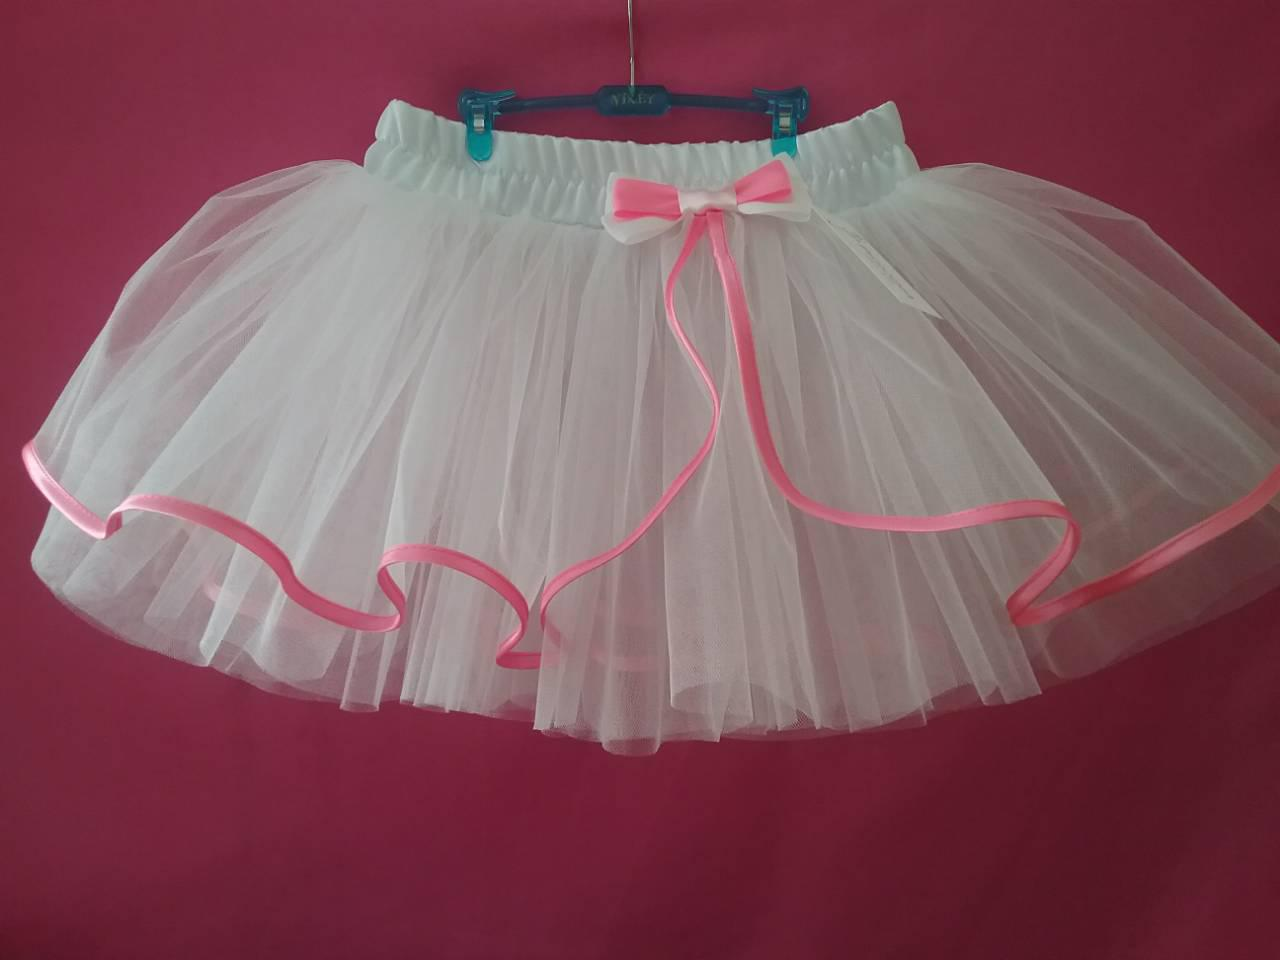 Танцевальная юбочка детская фатиновая на резинке. Без подклада. Пошив в любом цвете и размере.